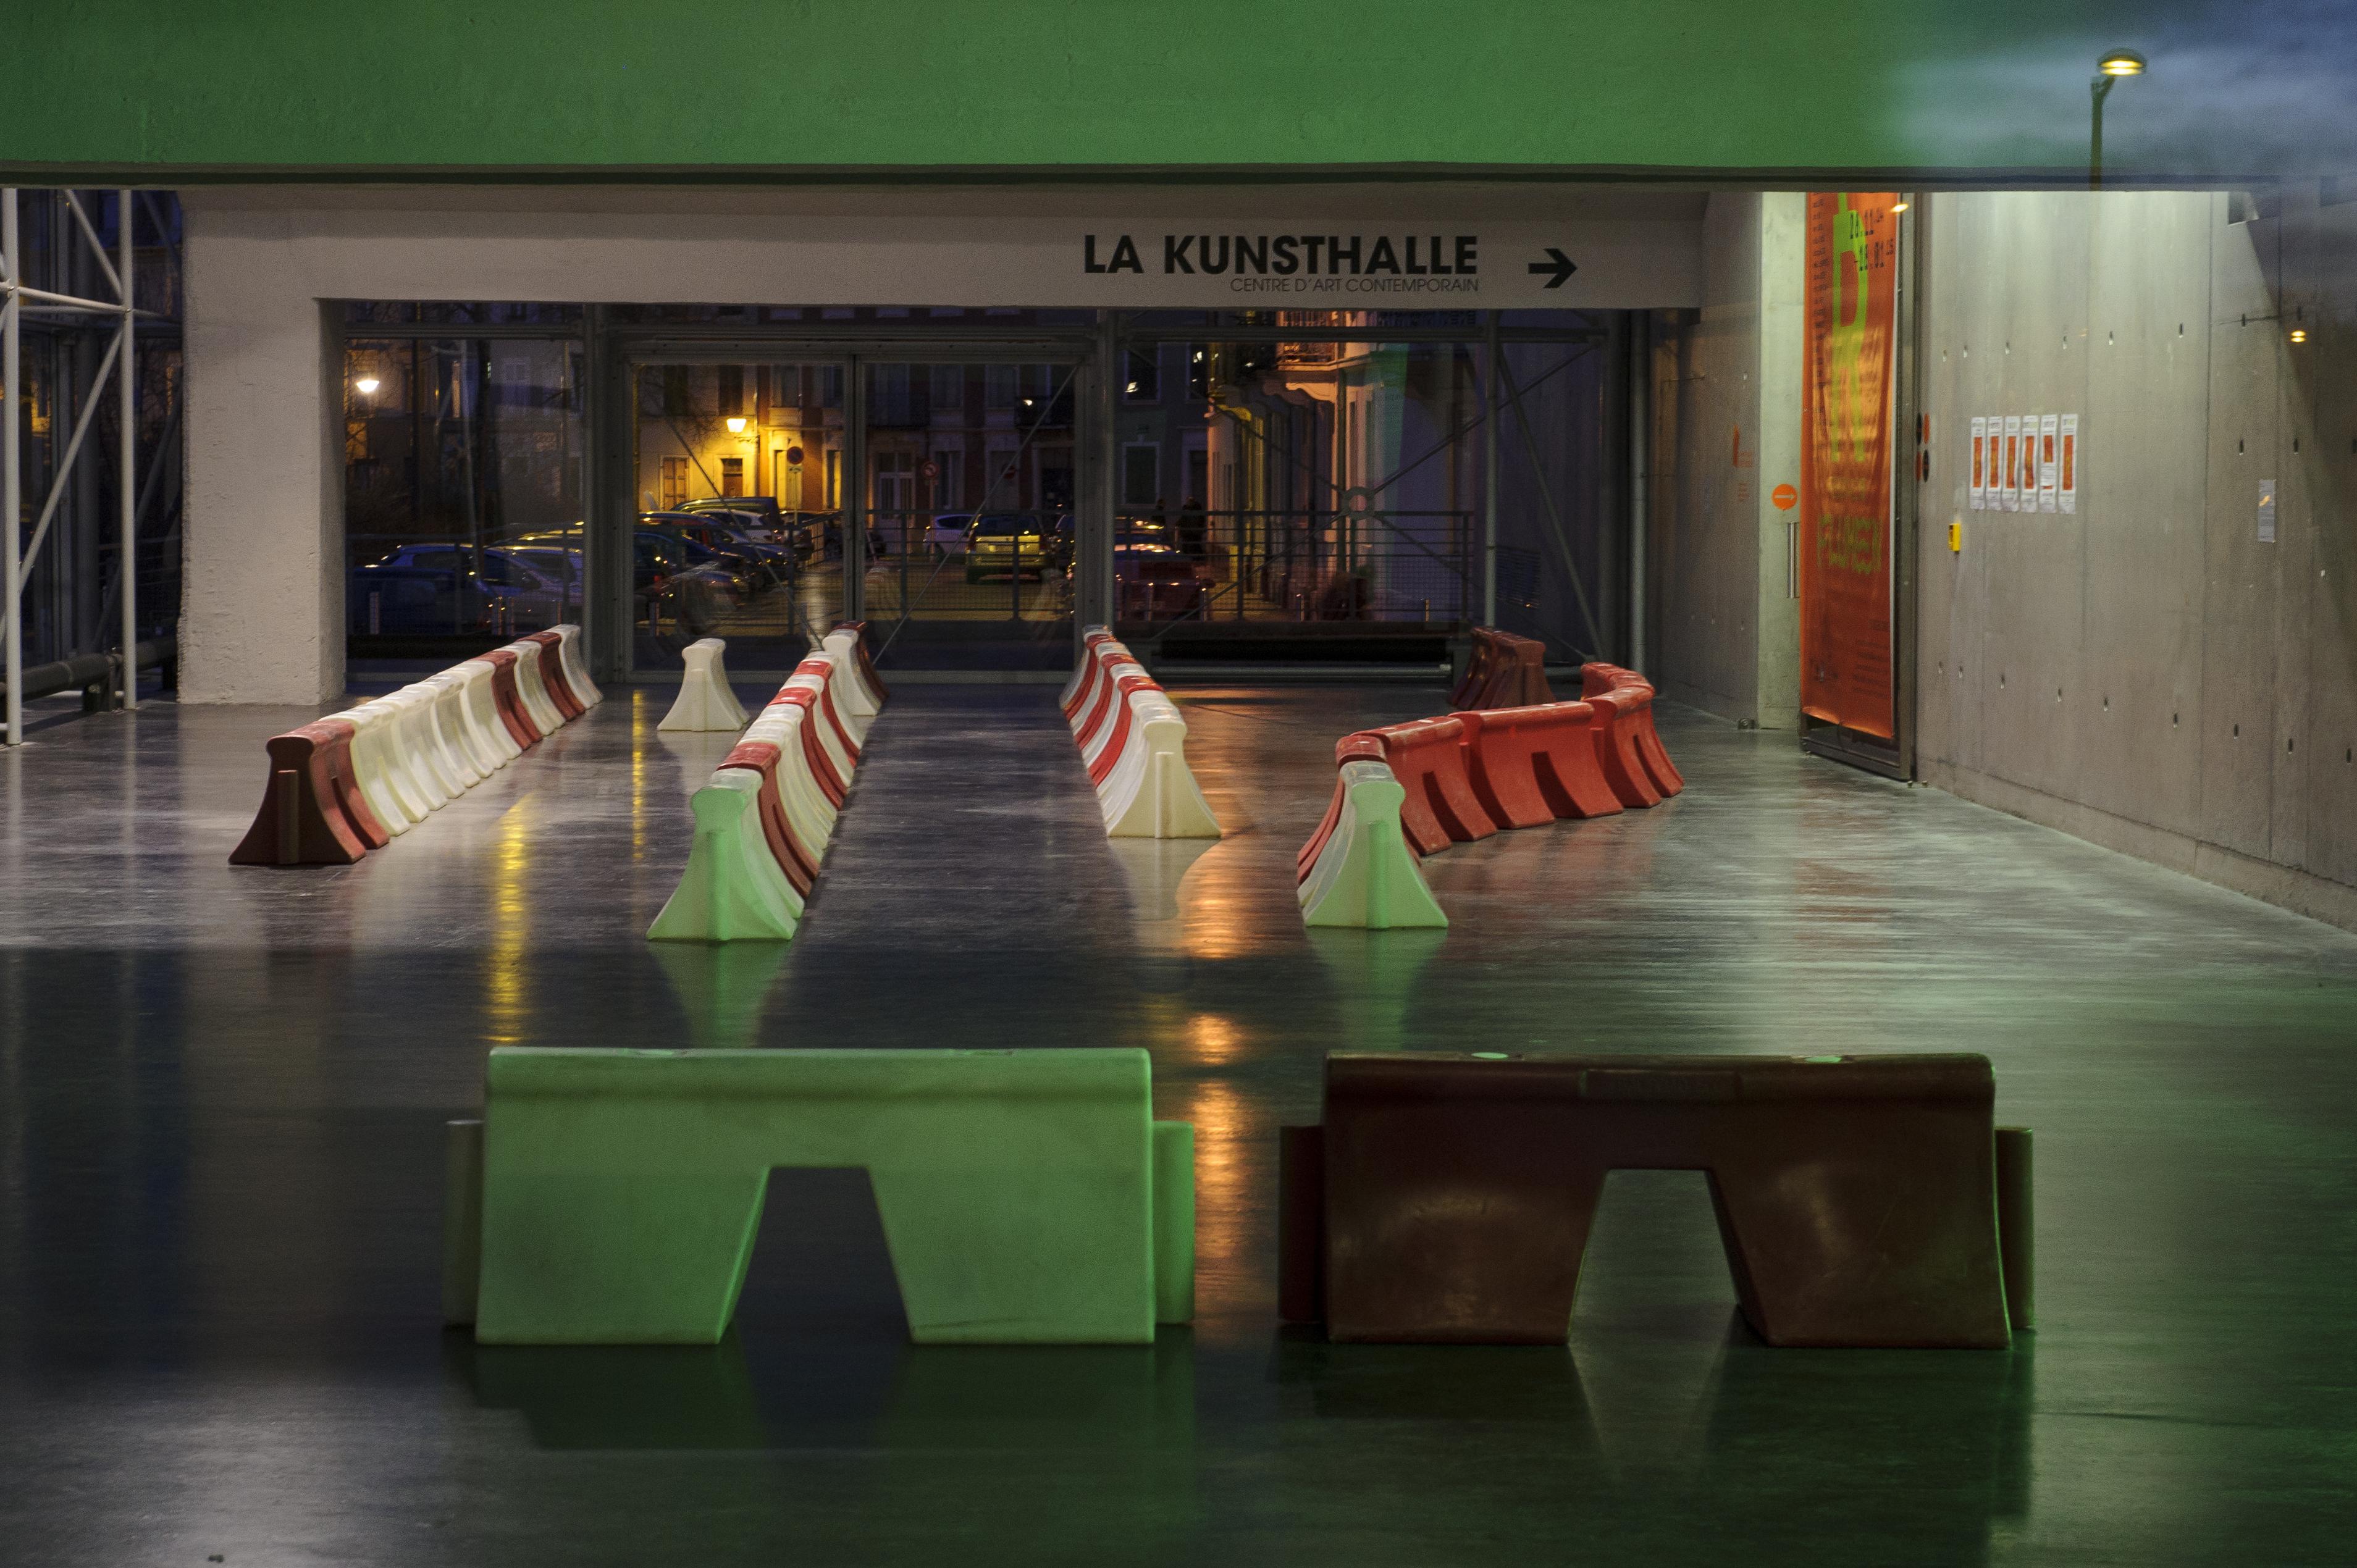 Emanuel-Straessle-crédit-La-Kunsthalle-Mulhouse-9